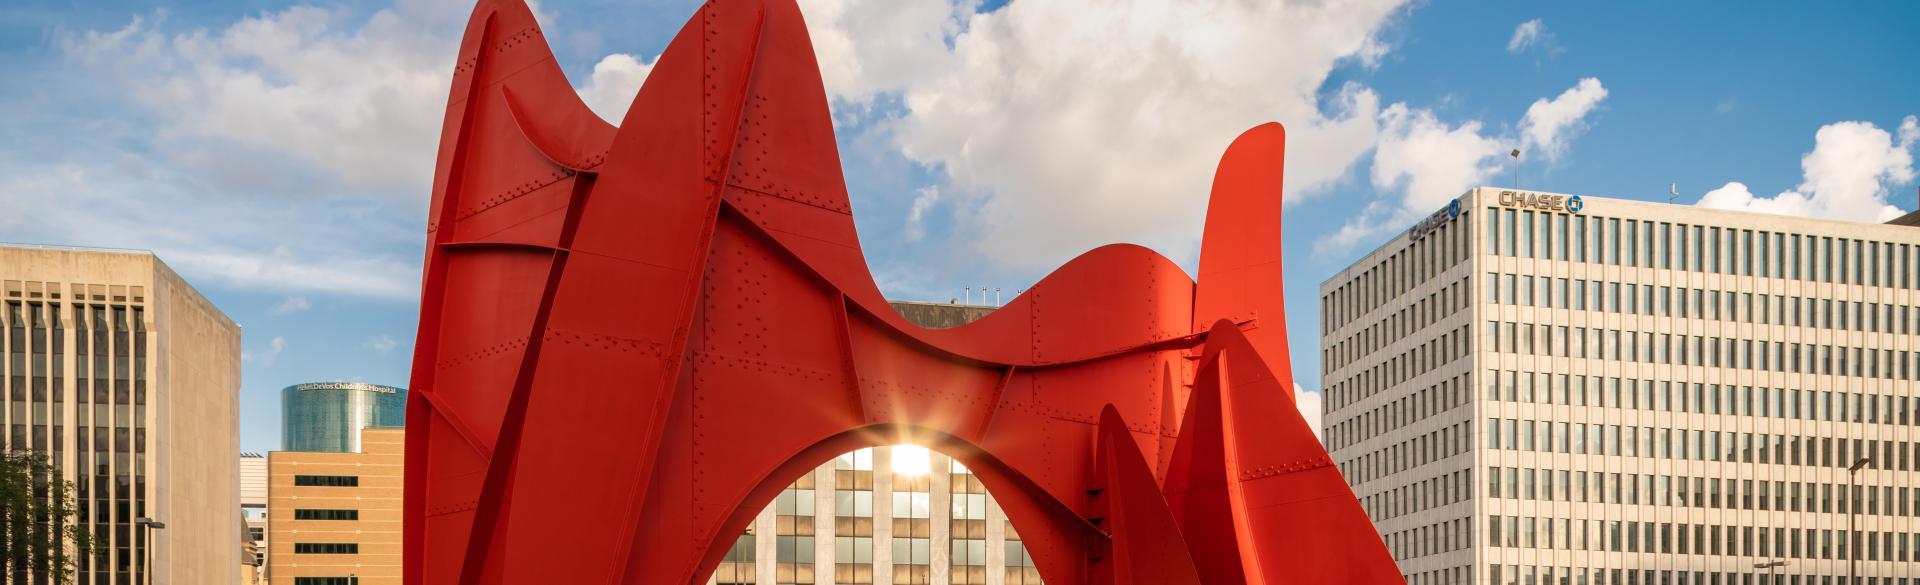 La Grande Vitesse, Alexander Calder - Detail